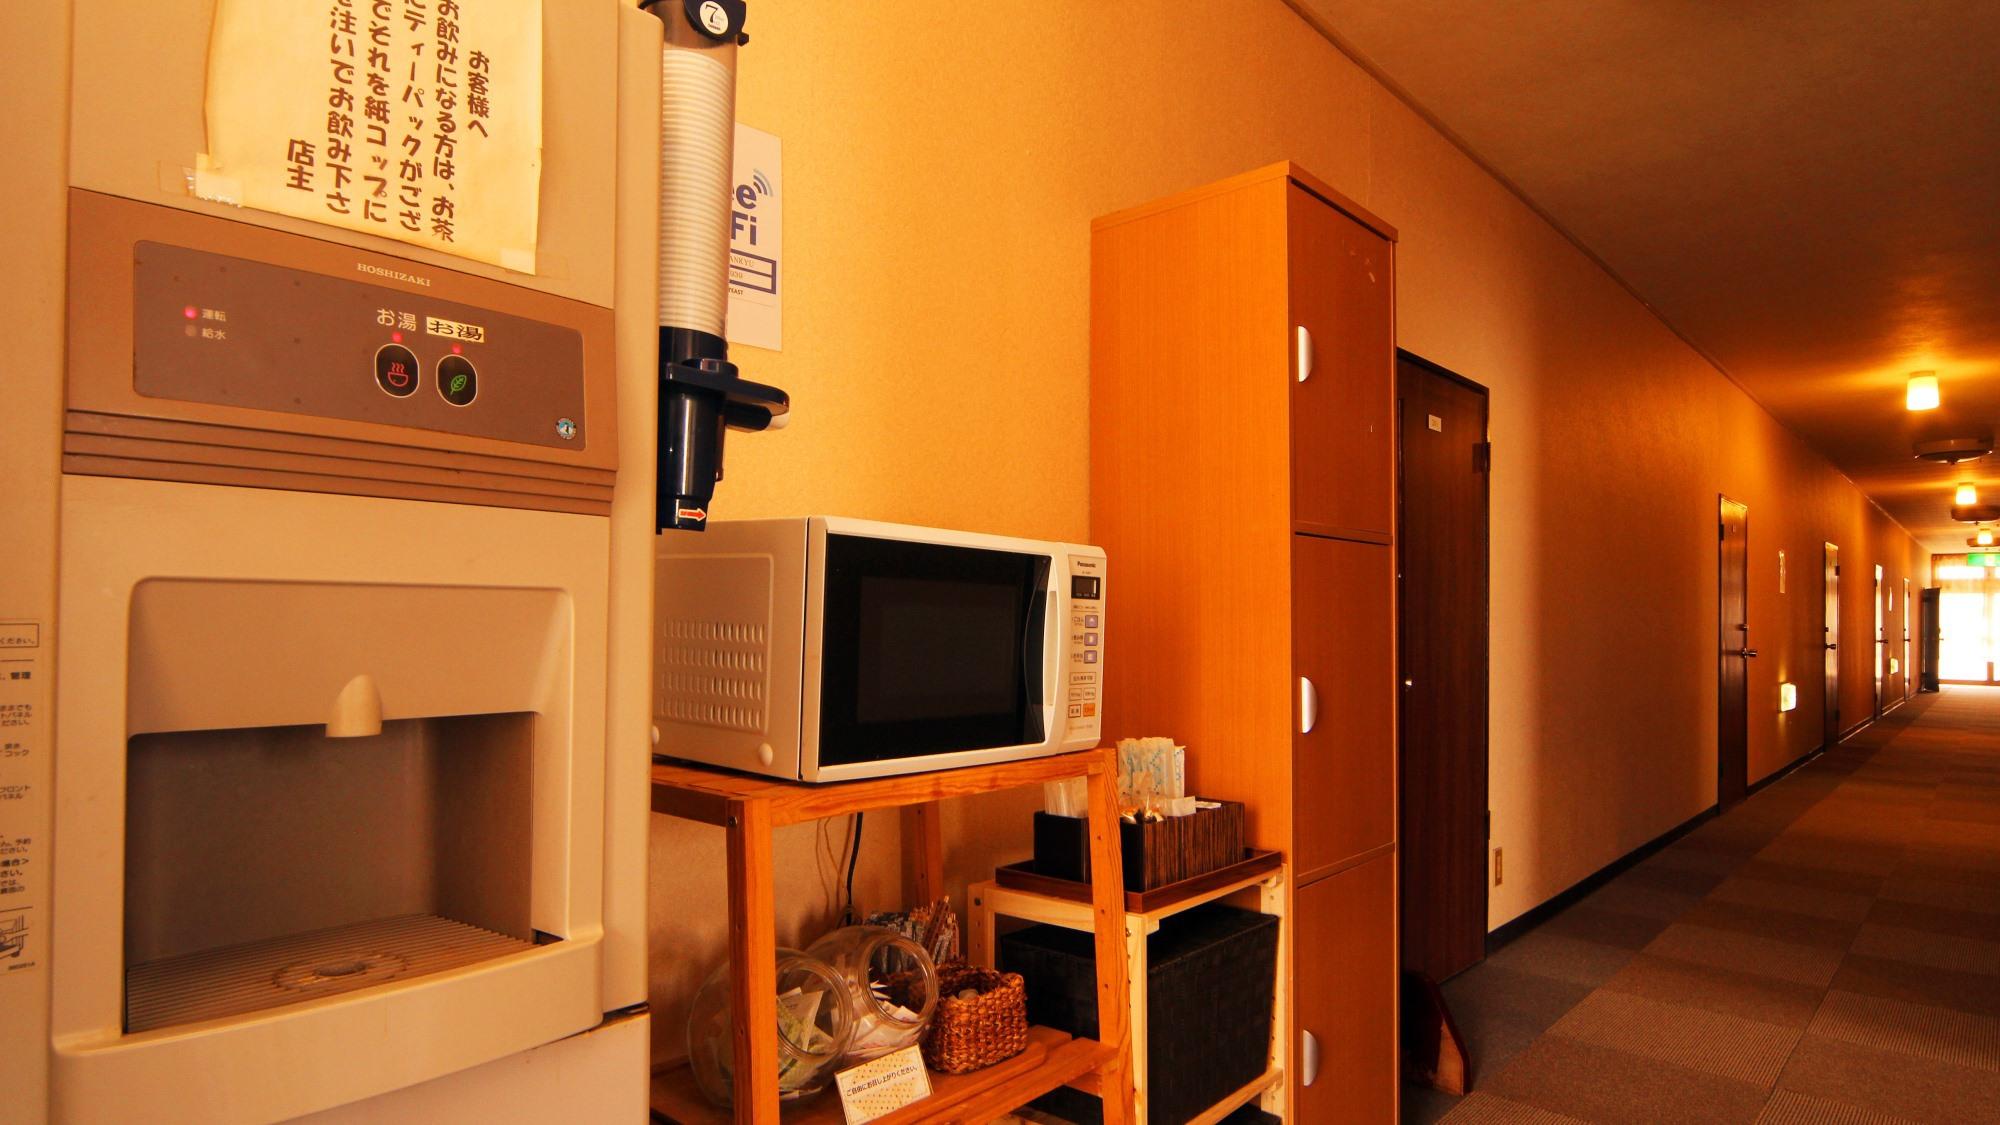 【館内】2階のドリンクコーナーには、電子レンジを設置しております。